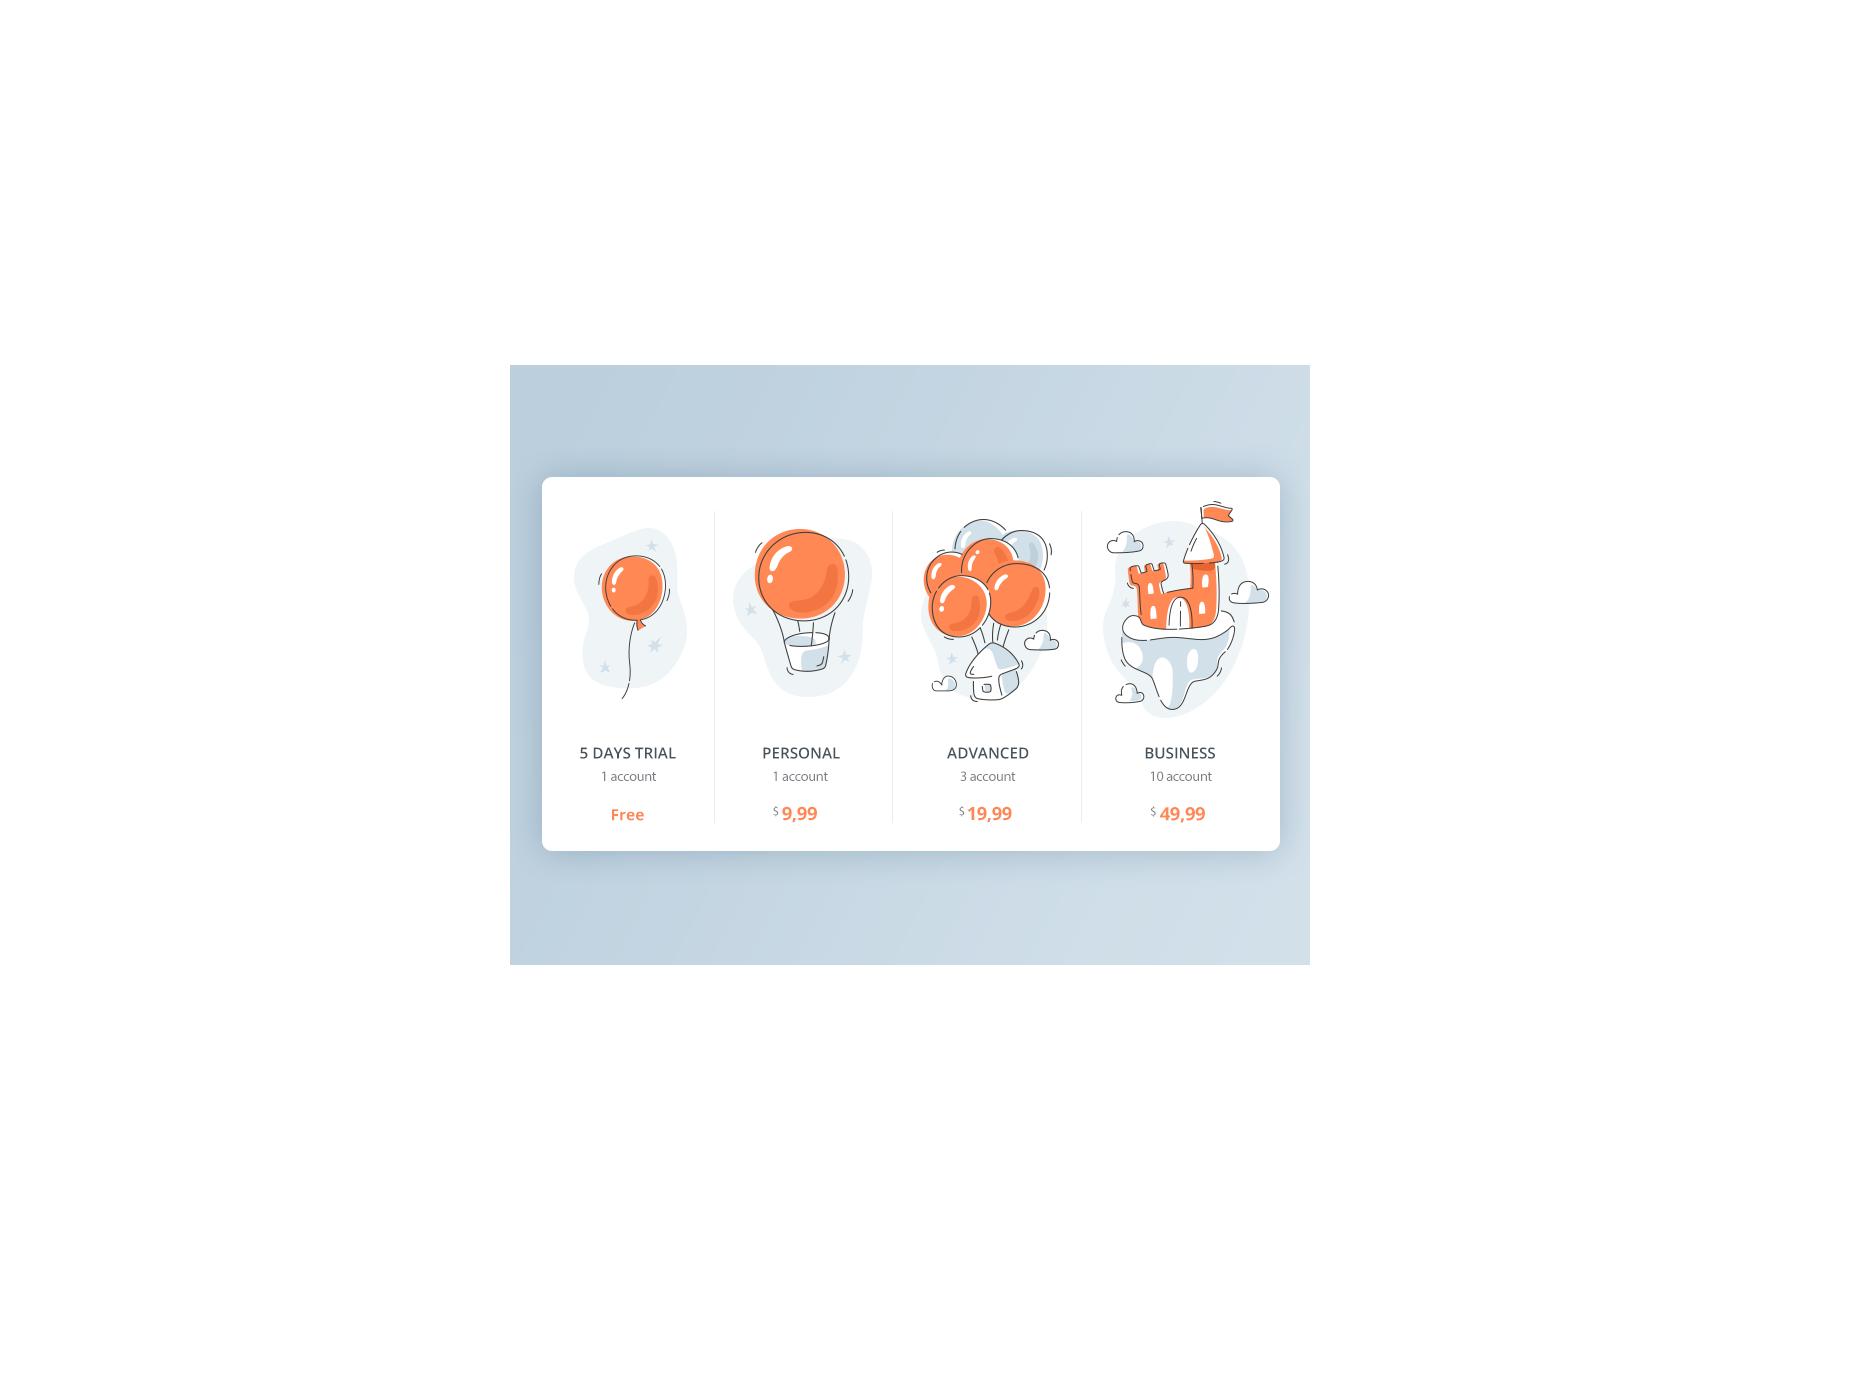 想要提升用户体验,这6种使用插画的方法颇为不错